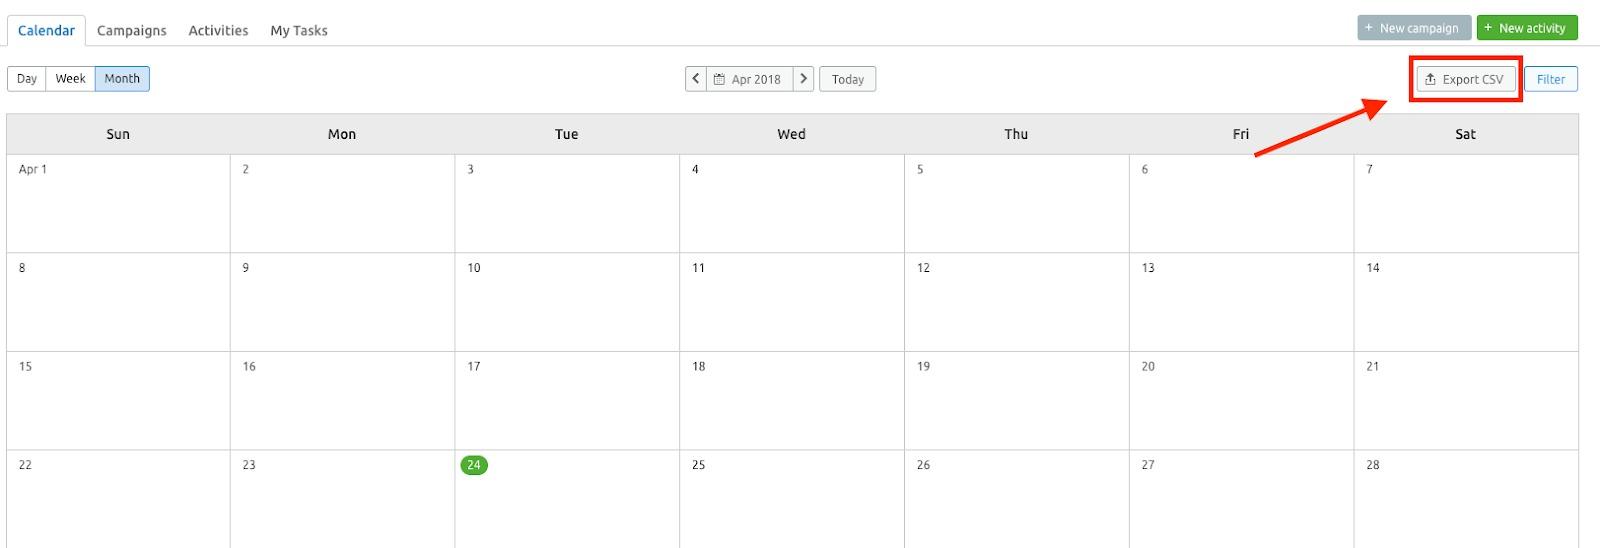 マーケティングカレンダー image 10